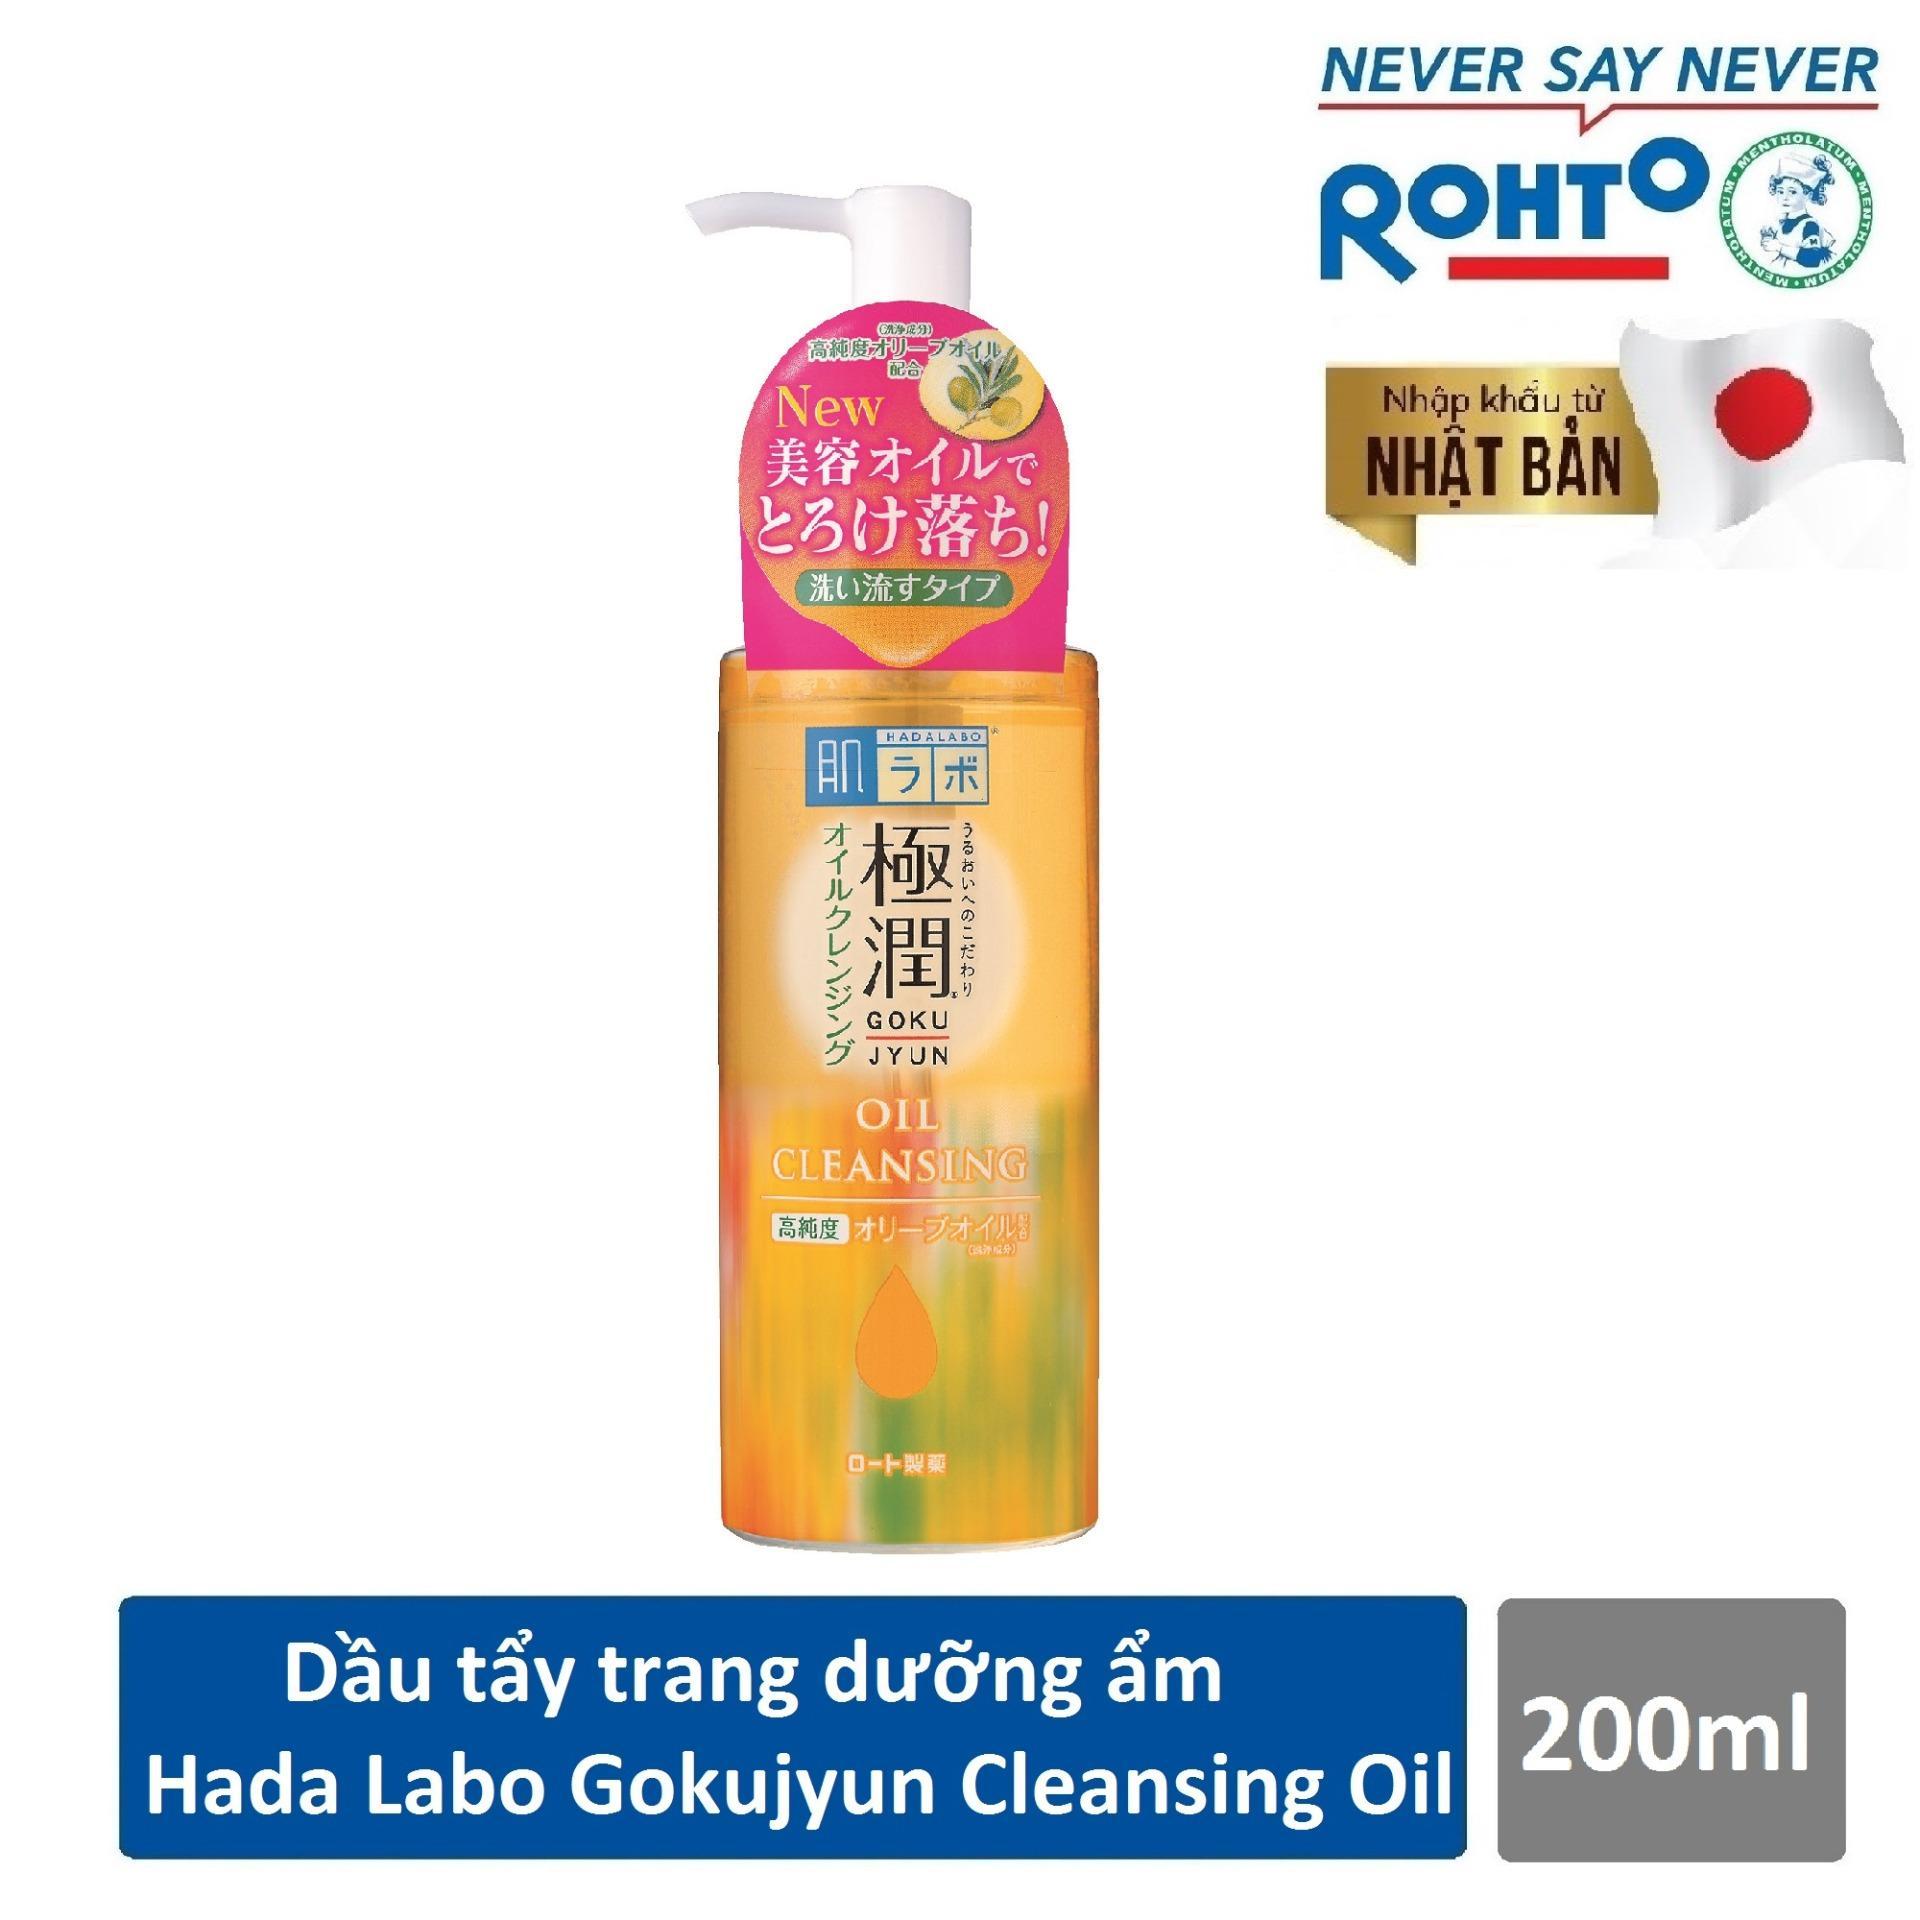 Voucher Giảm Giá Dầu Tẩy Trang Dưỡng ẩm Hada Labo Gokujyun Cleansing Oil 200ml (Nhập Khẩu Từ Nhật Bản)